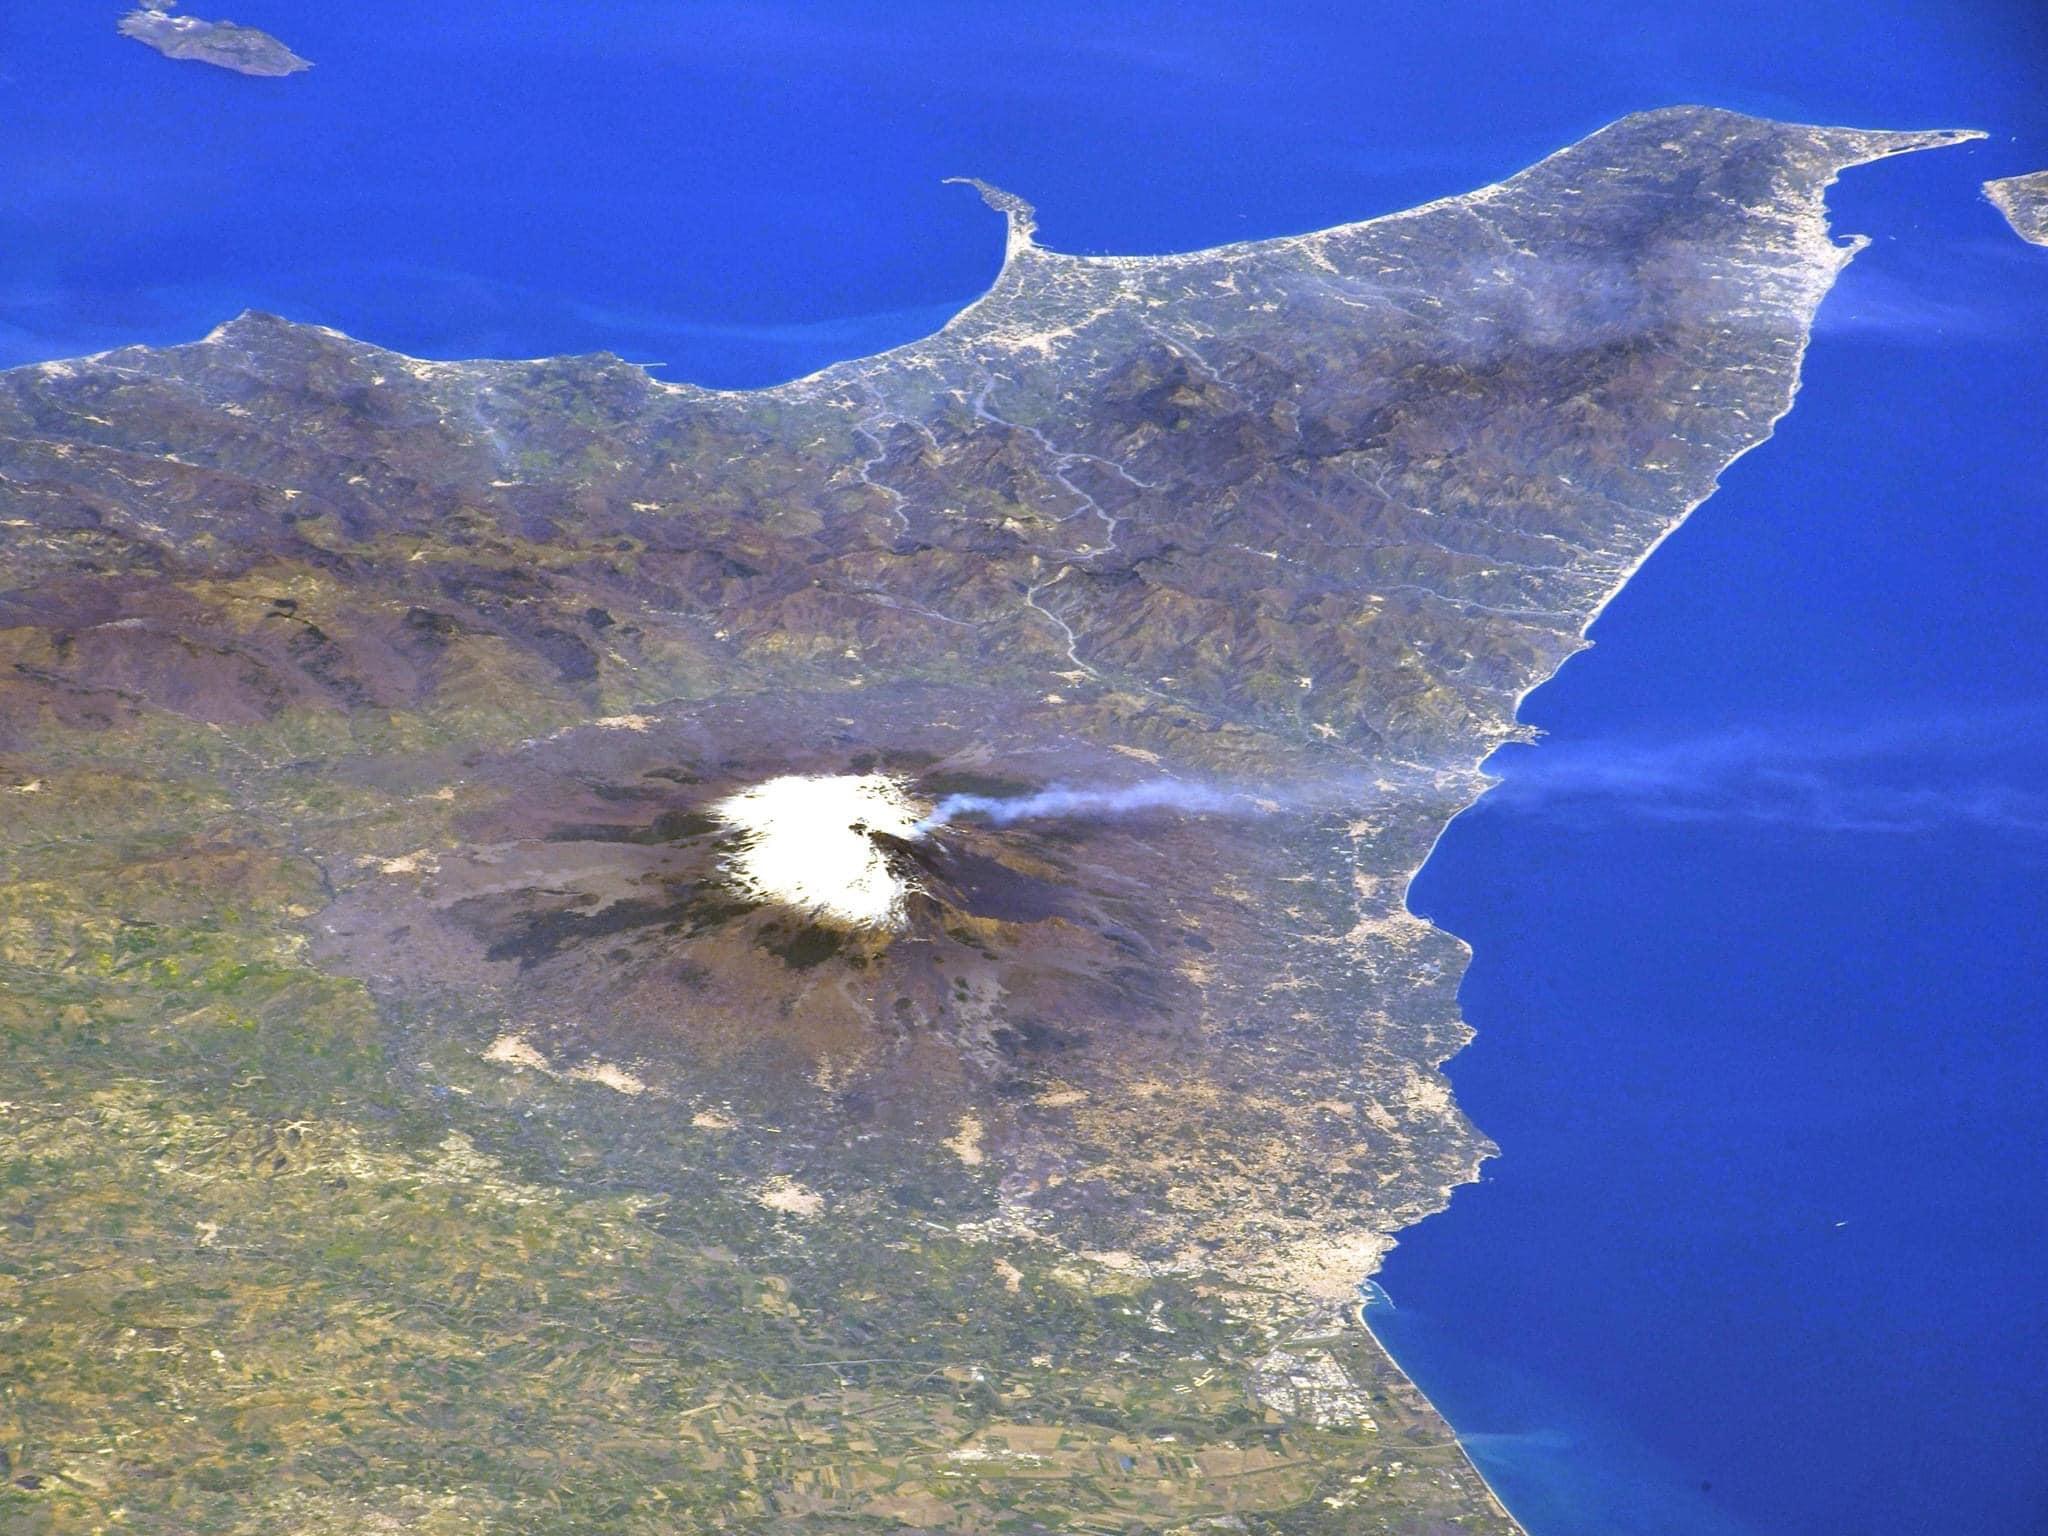 Sicilia: l'astronauta giapponese Soichi Noguchi fotografa l'Etna dalla stazione spaziale.